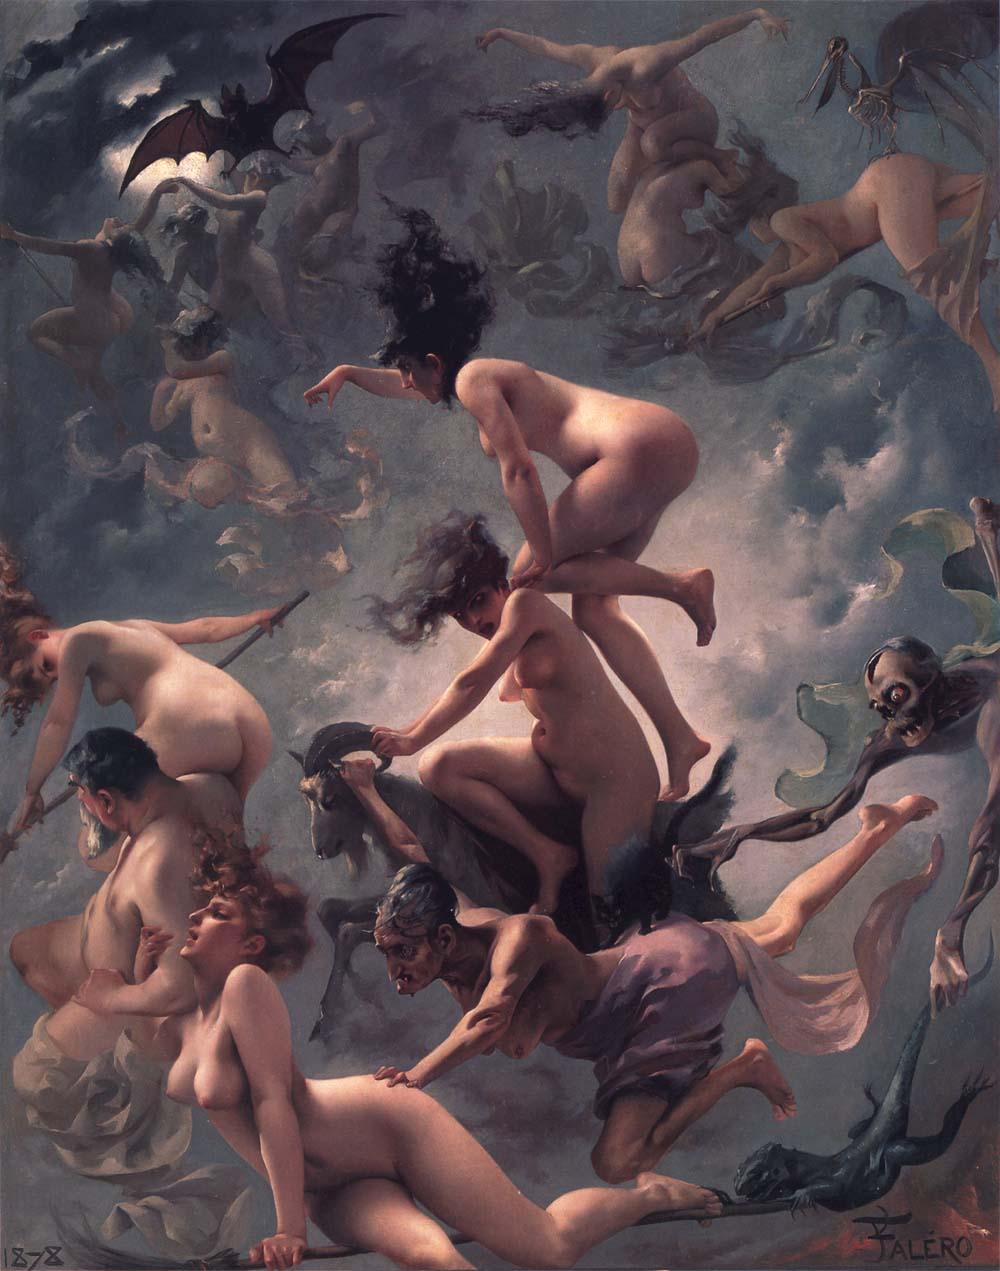 Luis Ricardo Falero, La Vision de Faust, 1878